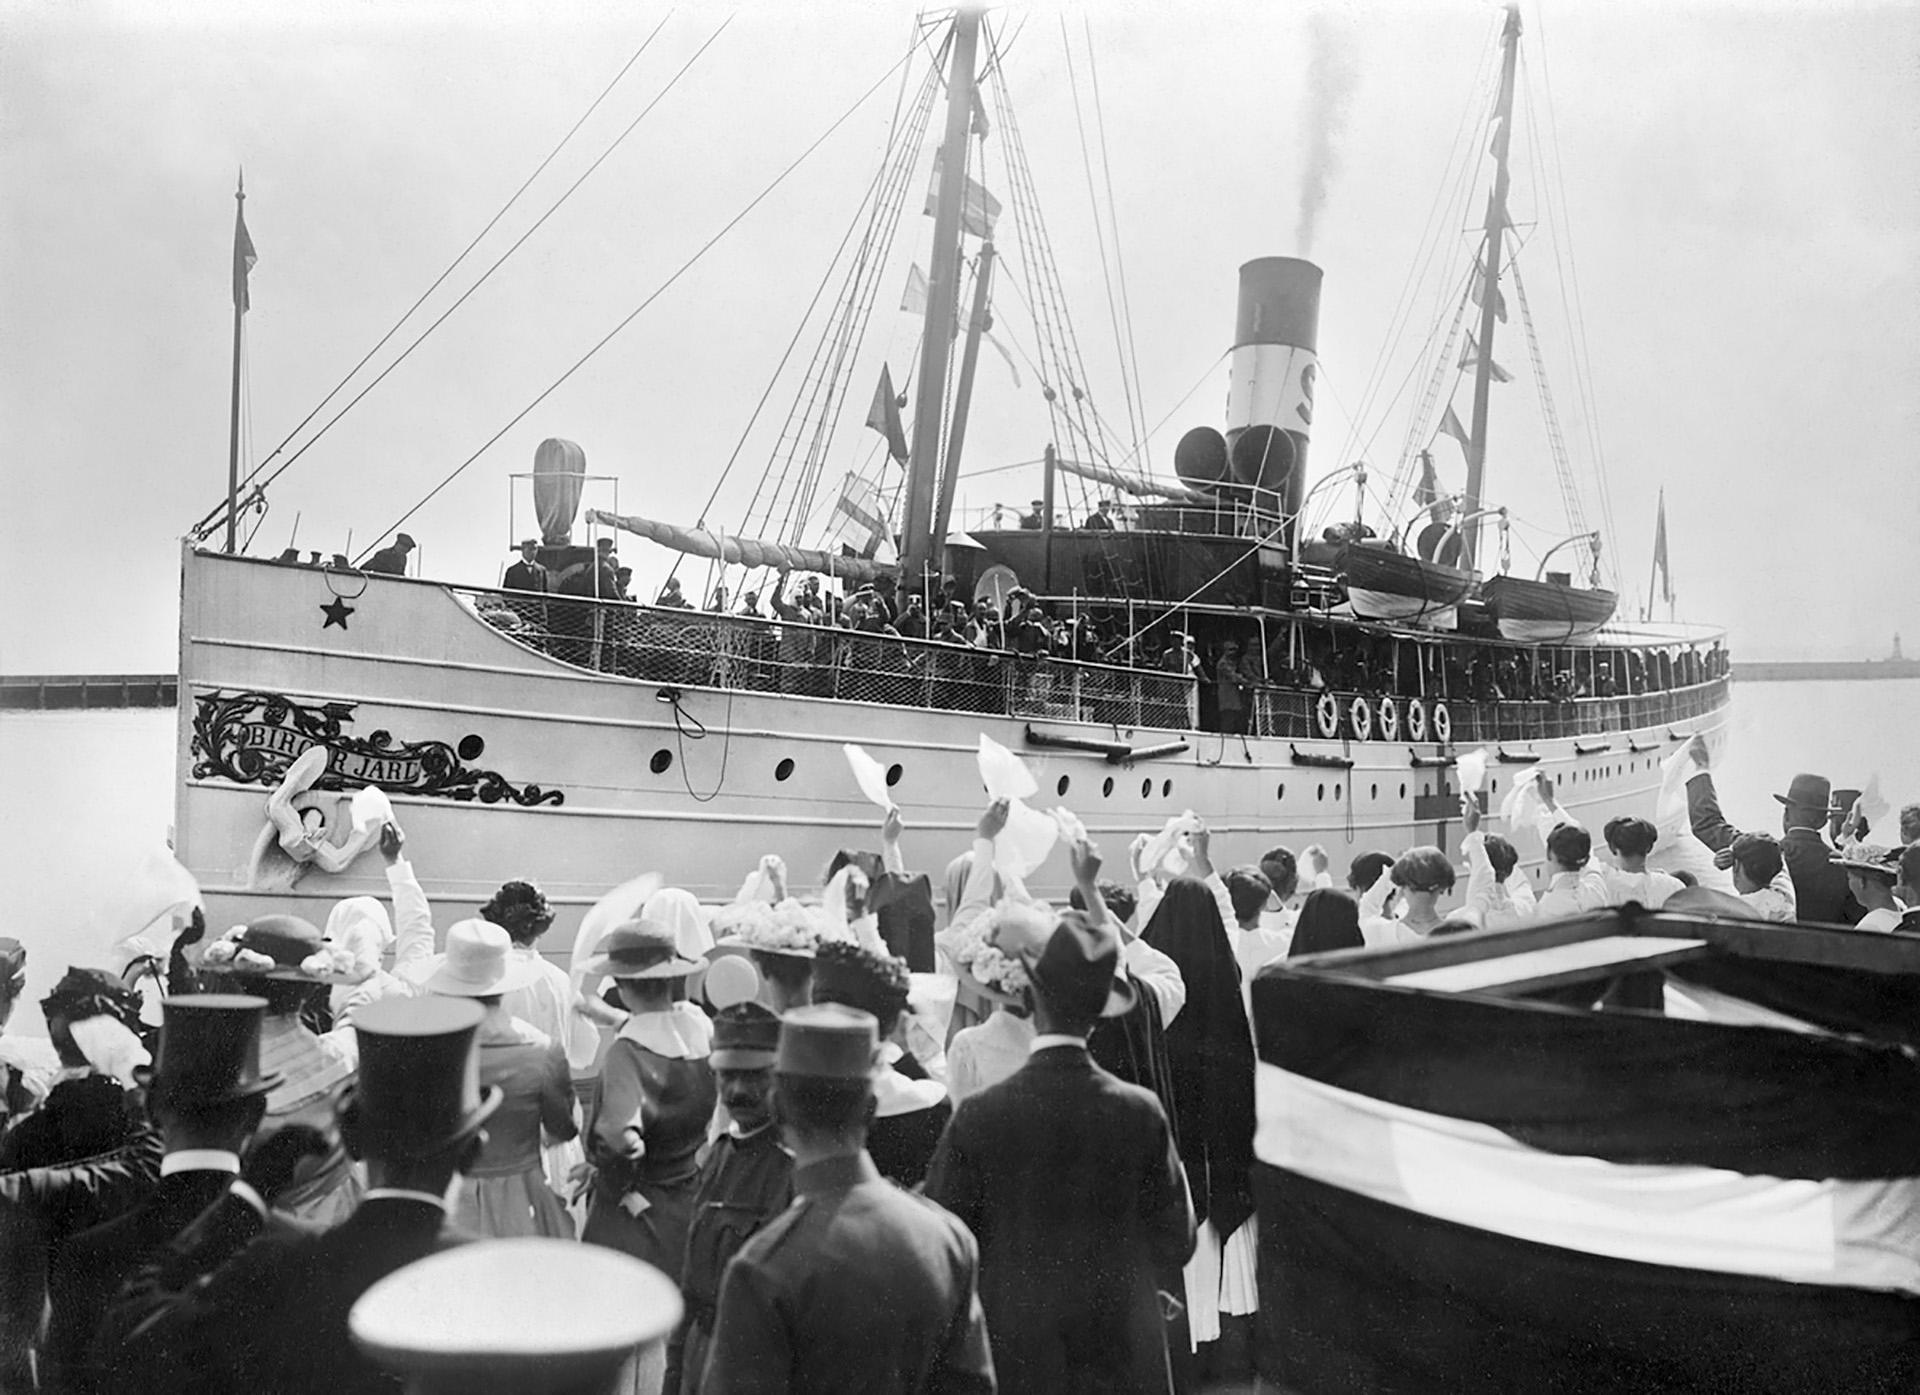 Fartyget Birger Jarl. Människor på kajen vinkar med vita näsdukar till människorna ombord.